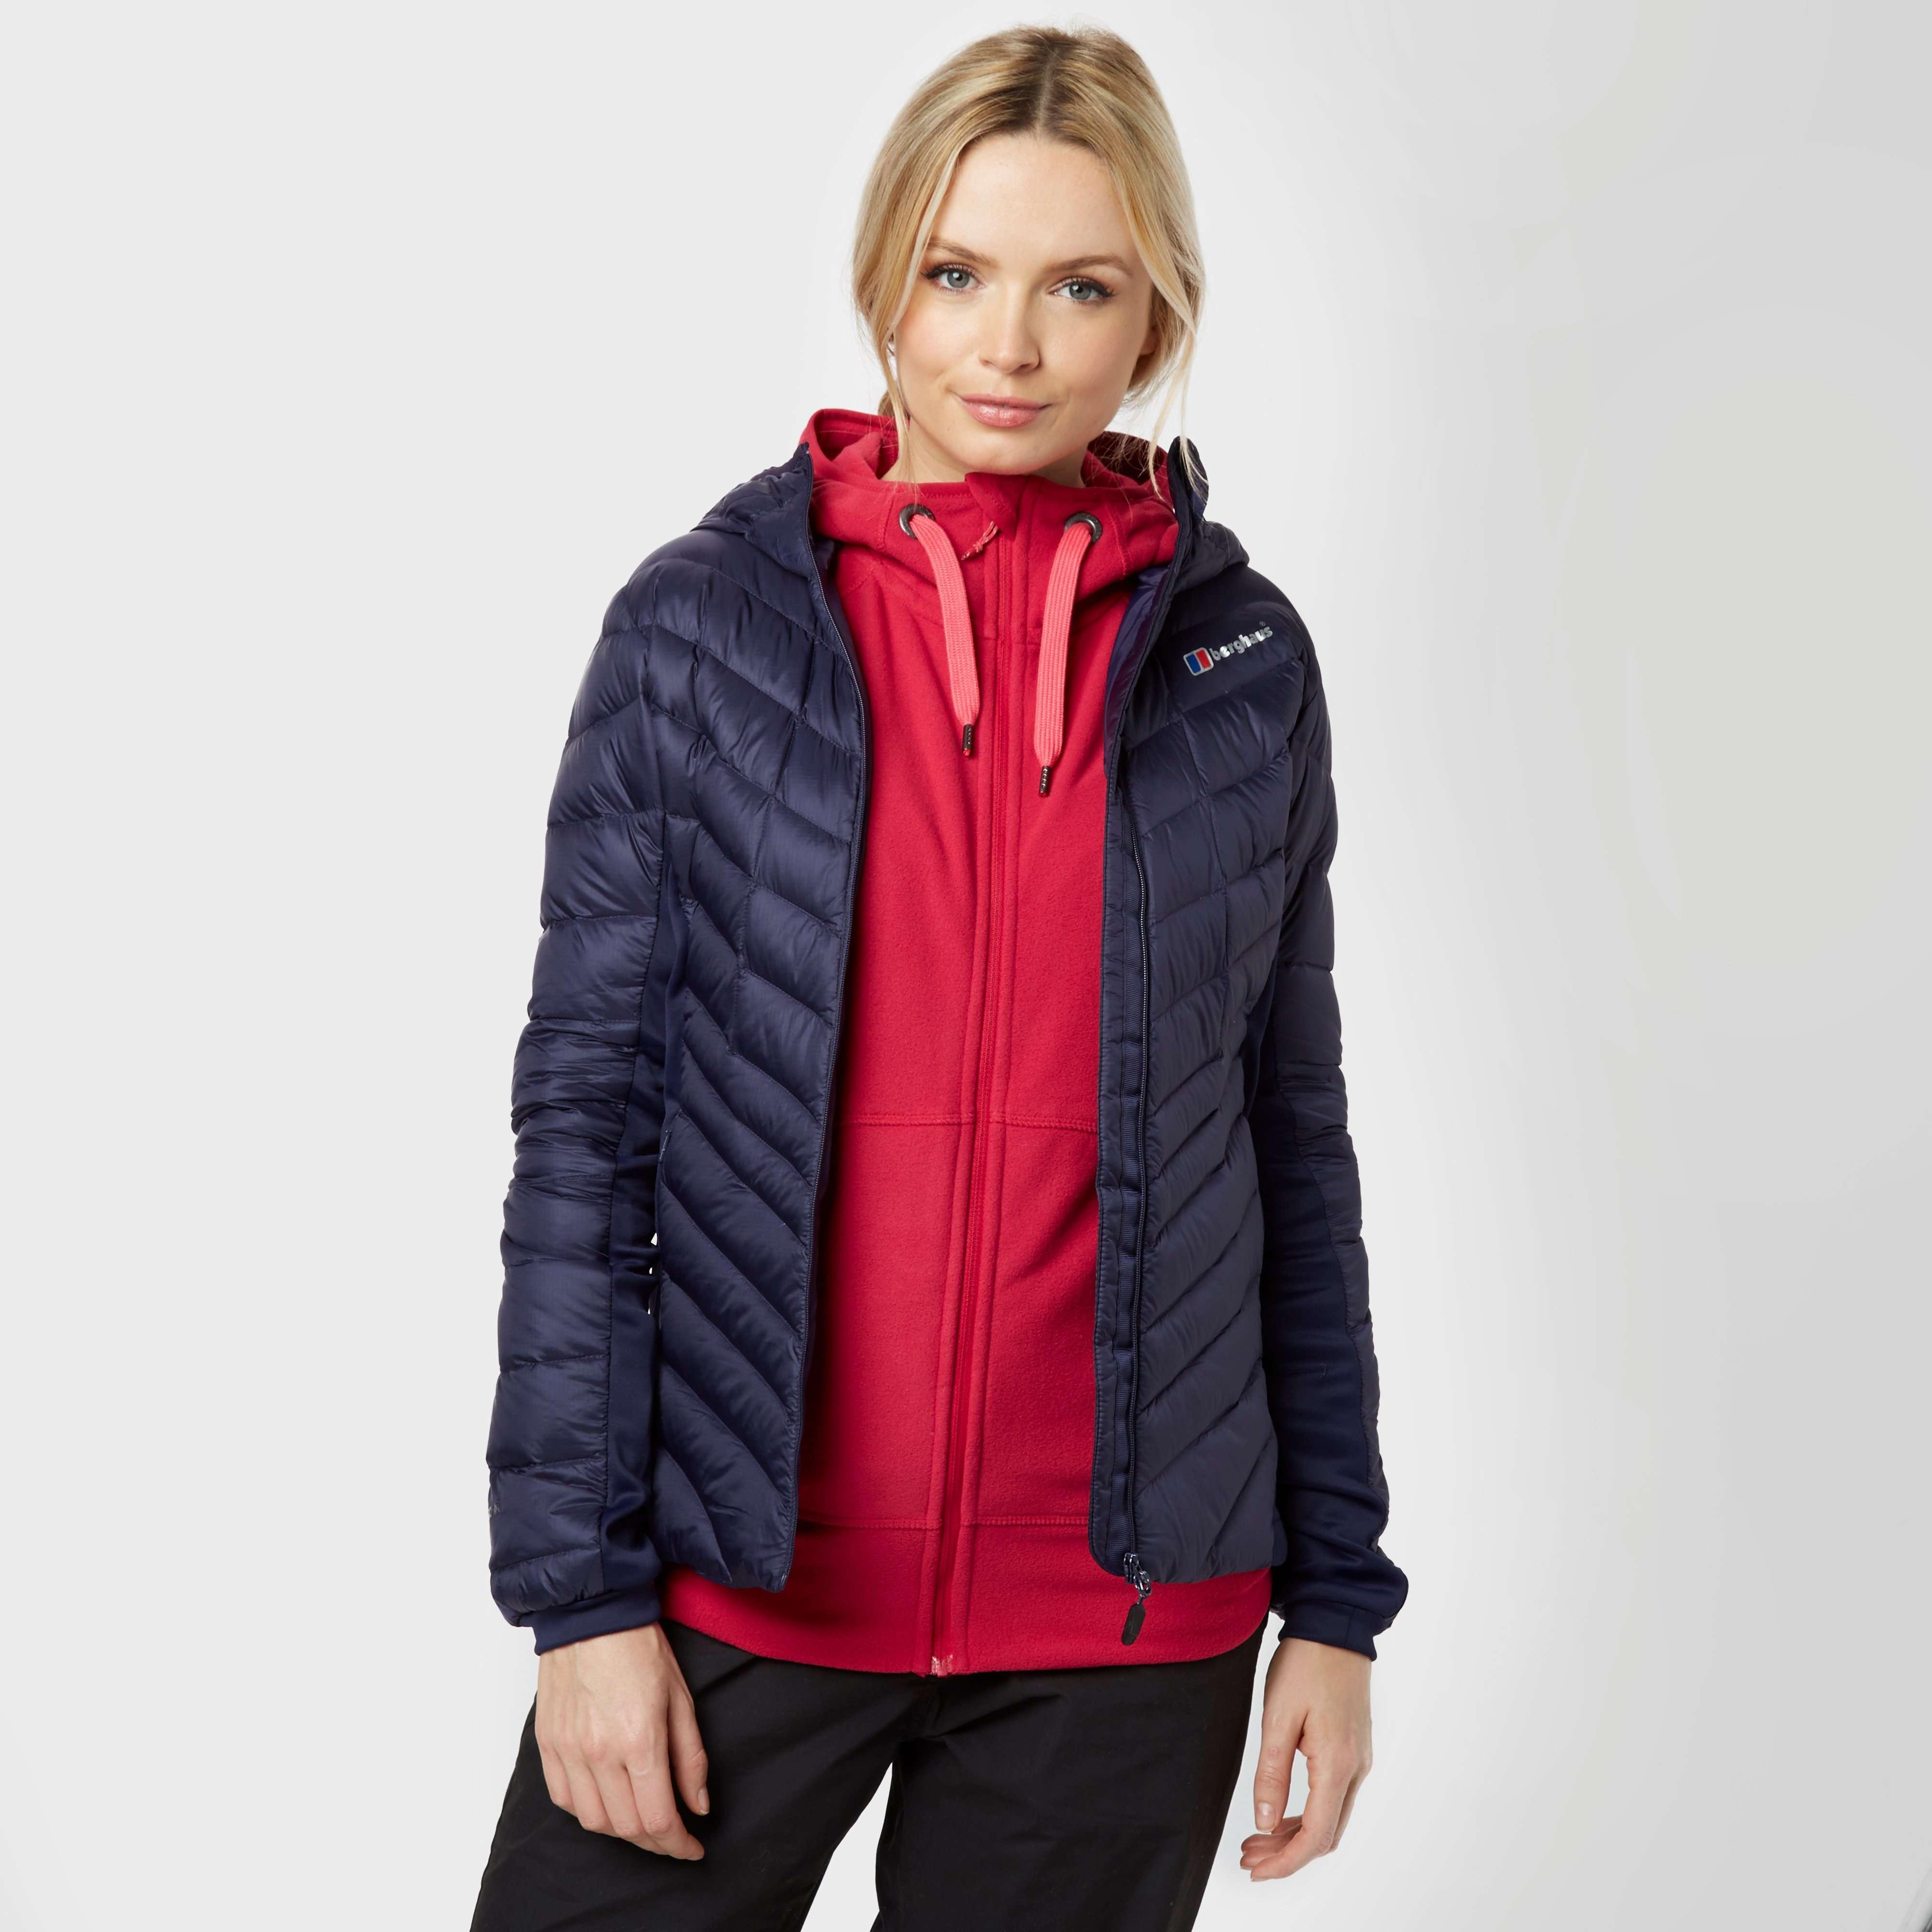 BERGHAUS Women's Scafell Hydrodown Hooded Jacket